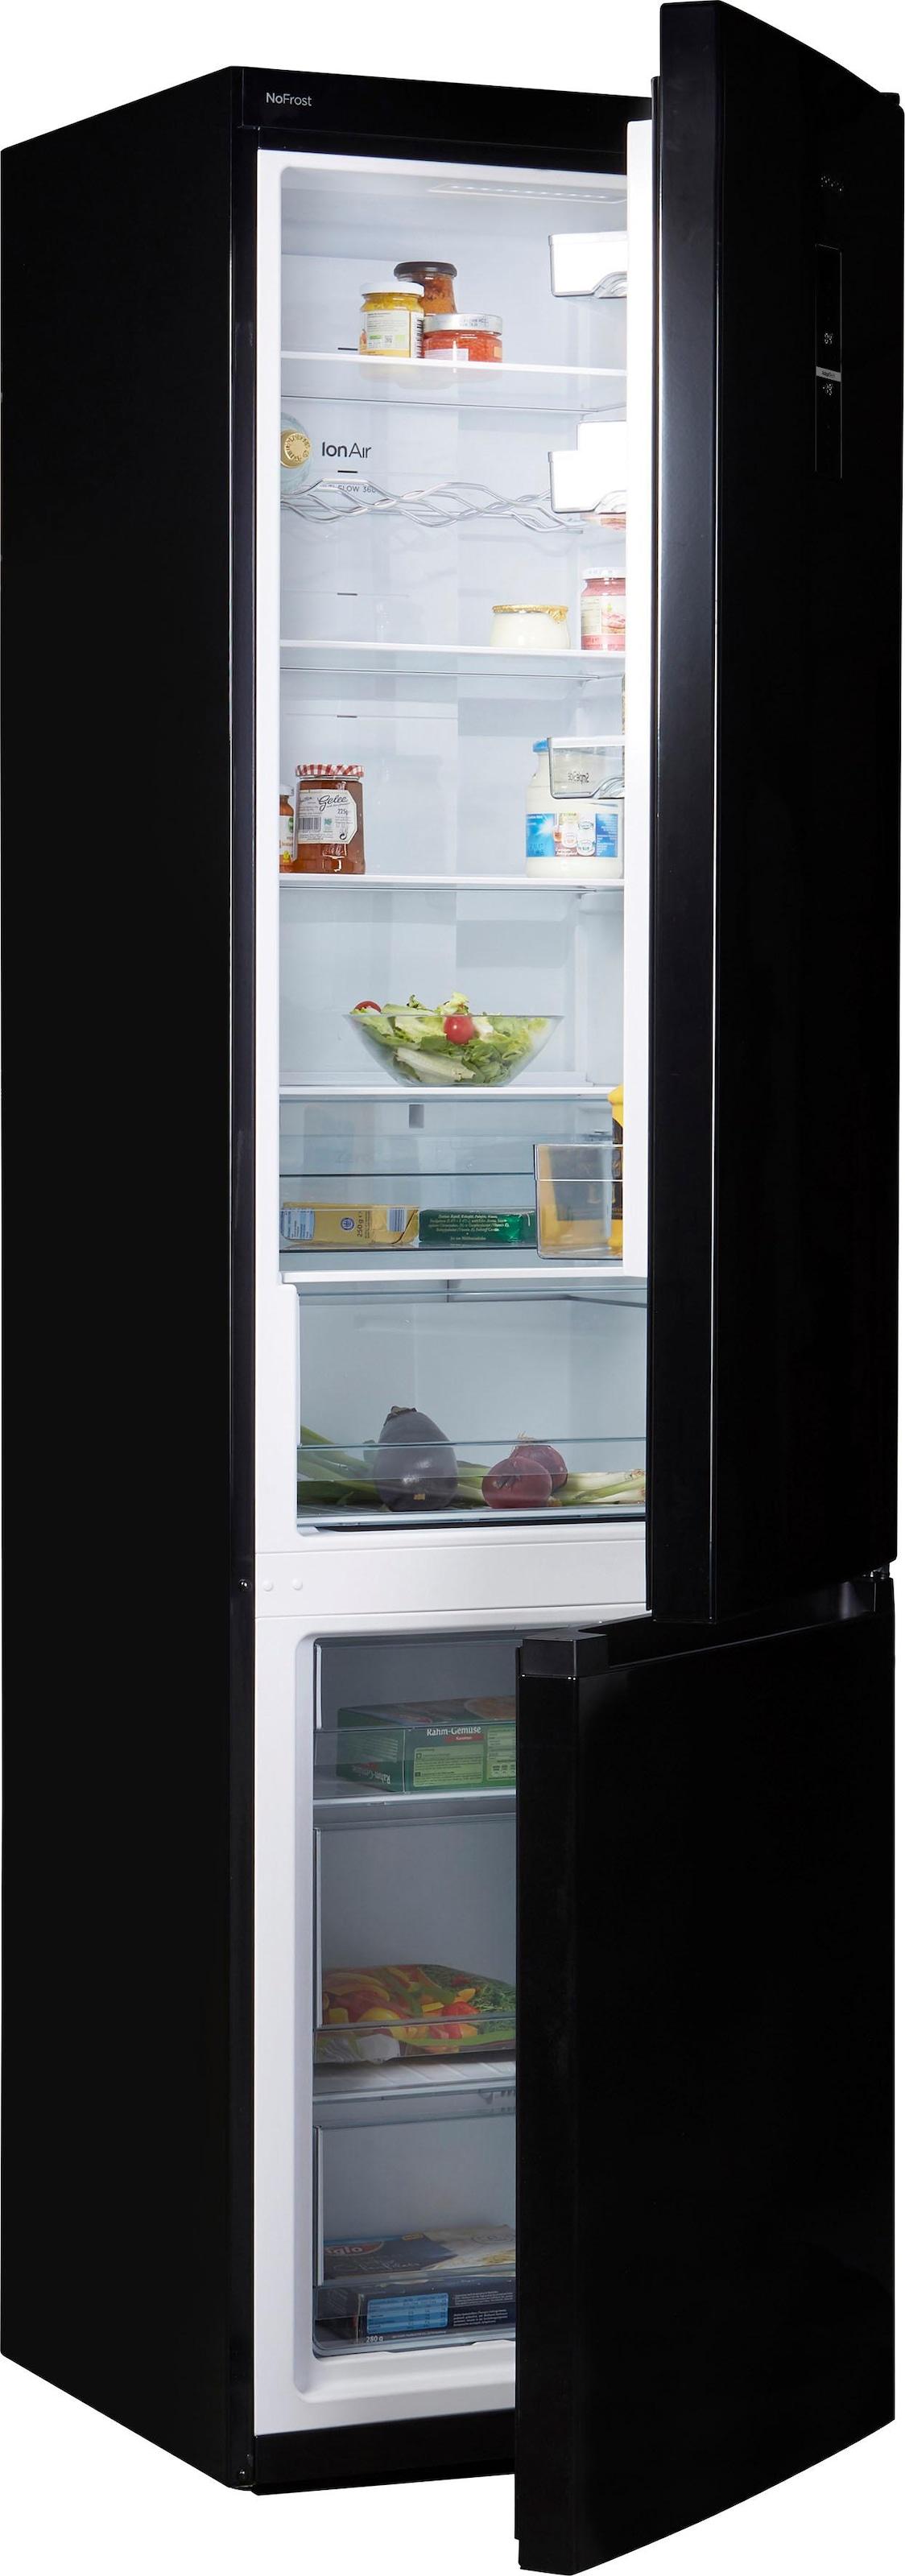 Gorenje Kühlschrank Vw Preis : Gorenje kühlschrank gefrierschrank gebraucht kaufen ebay